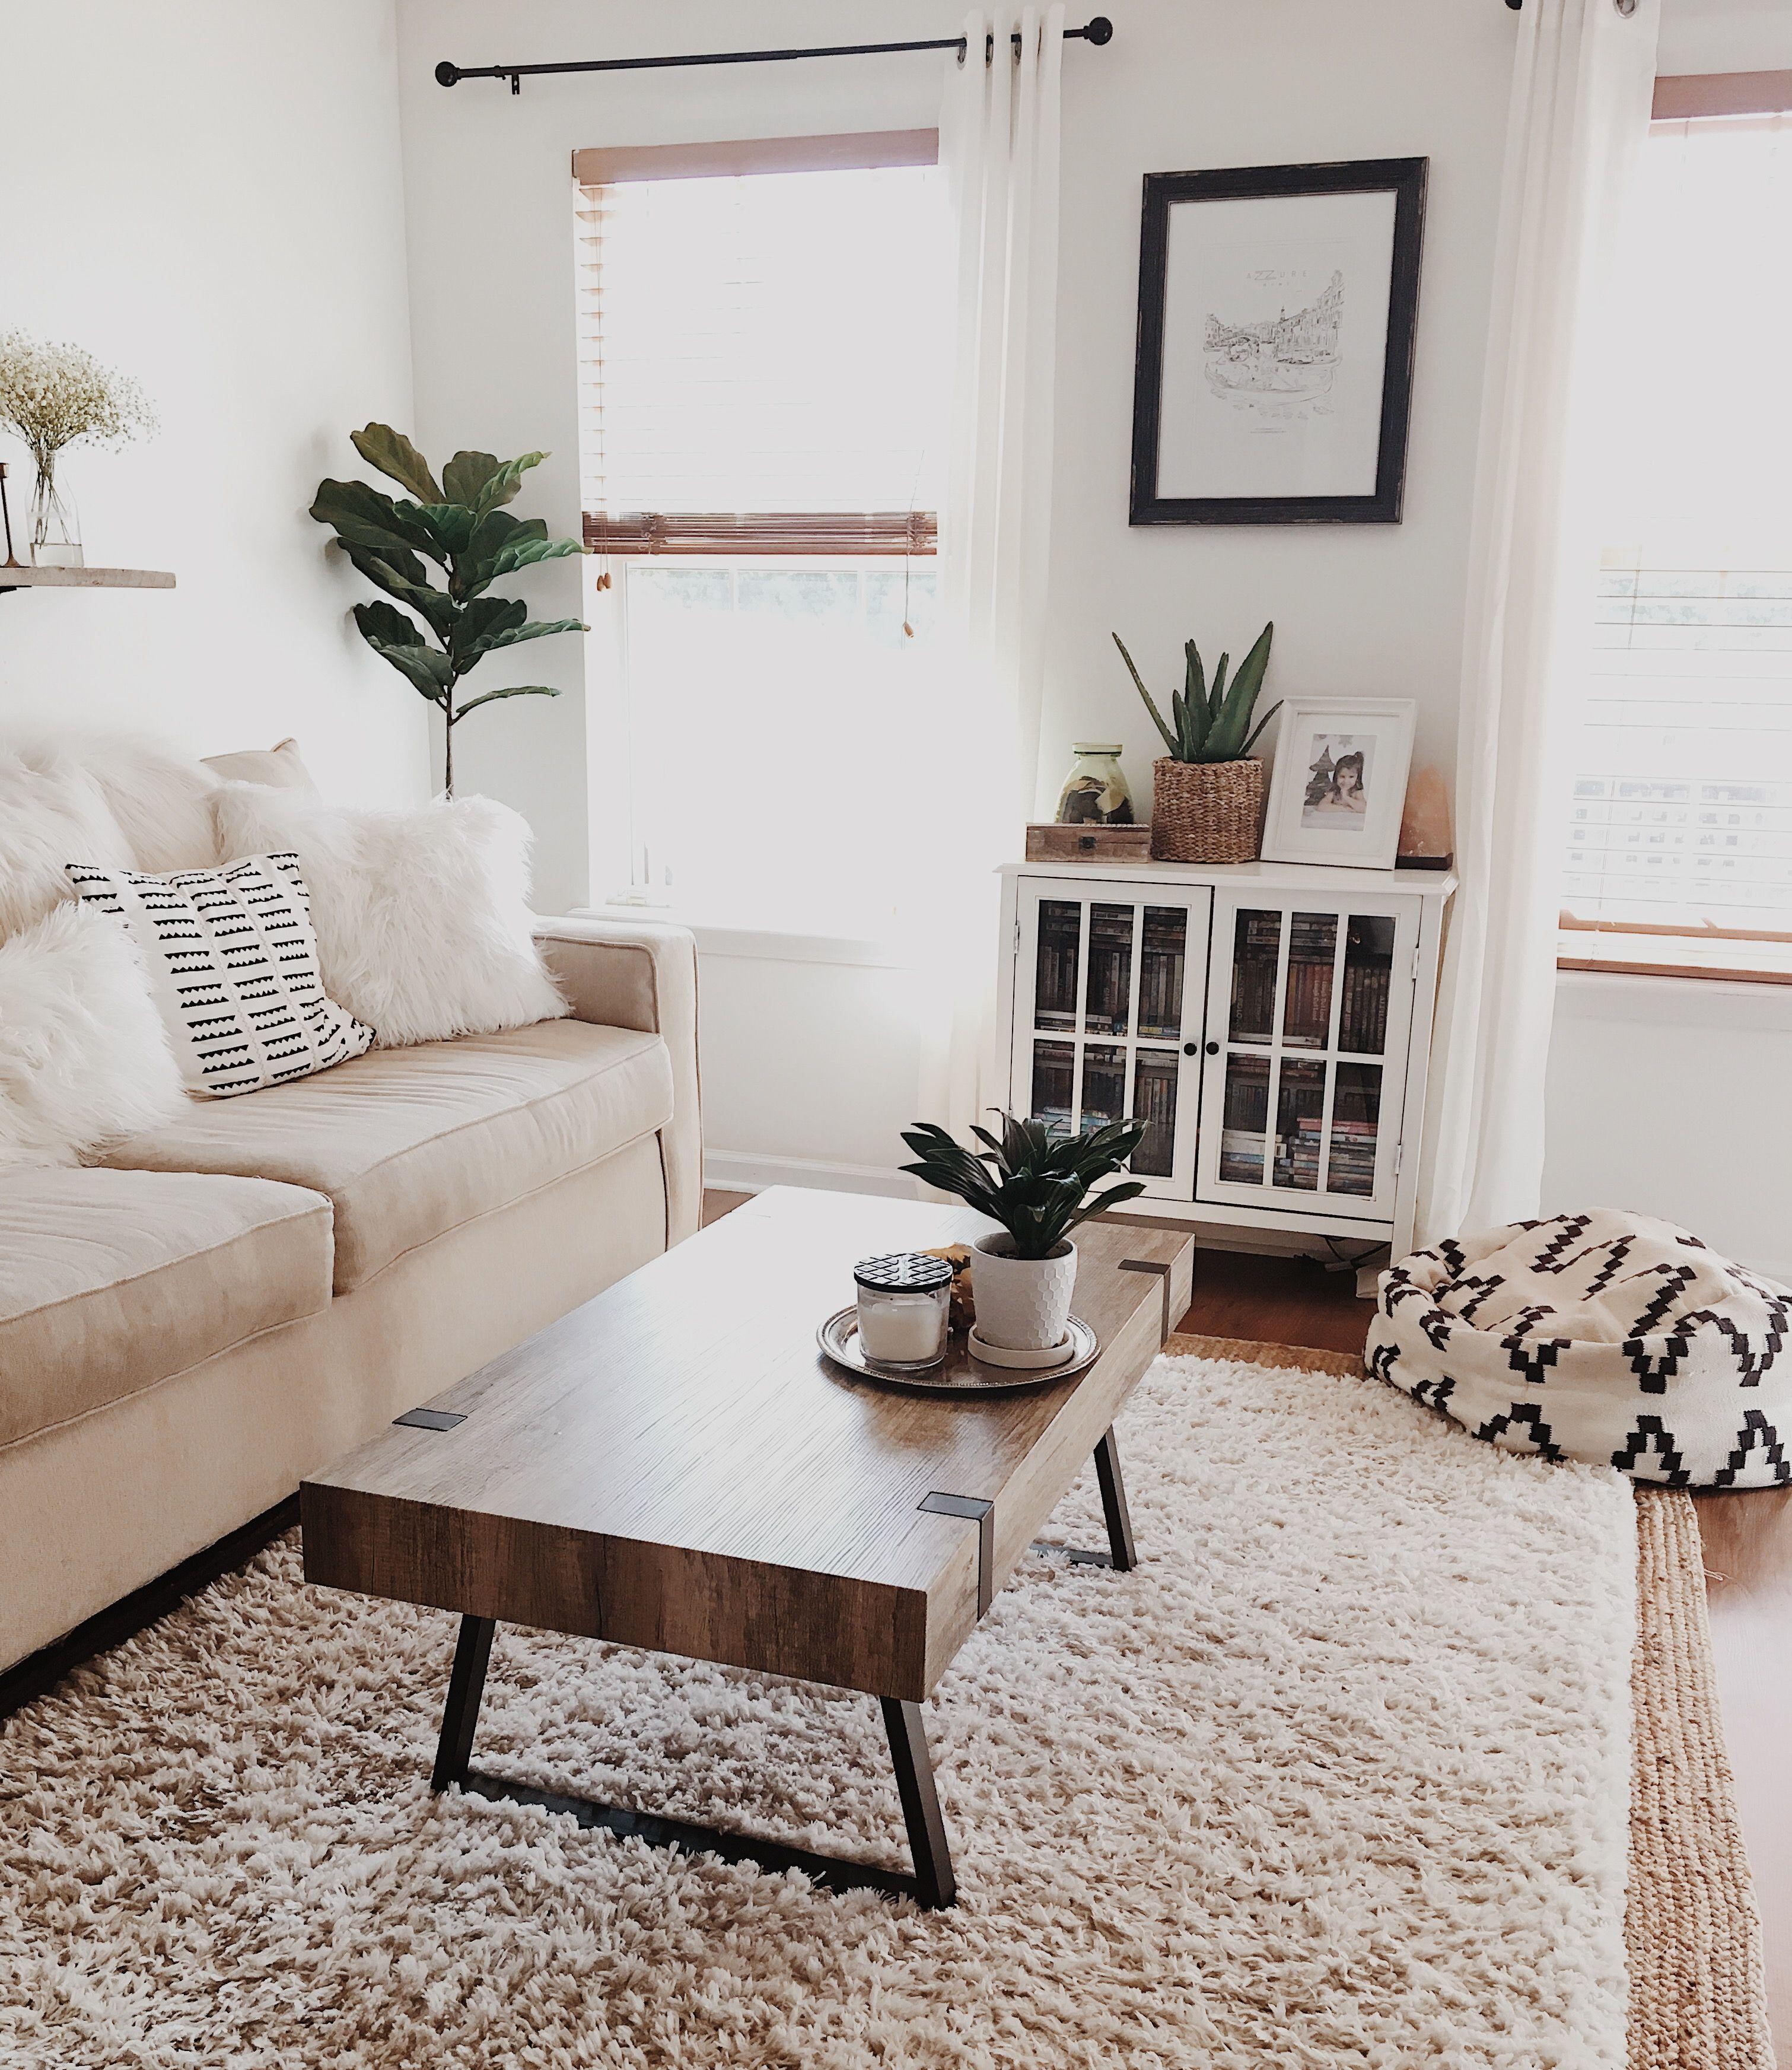 white living room | my dream home | Pinterest | Living rooms, Room ...